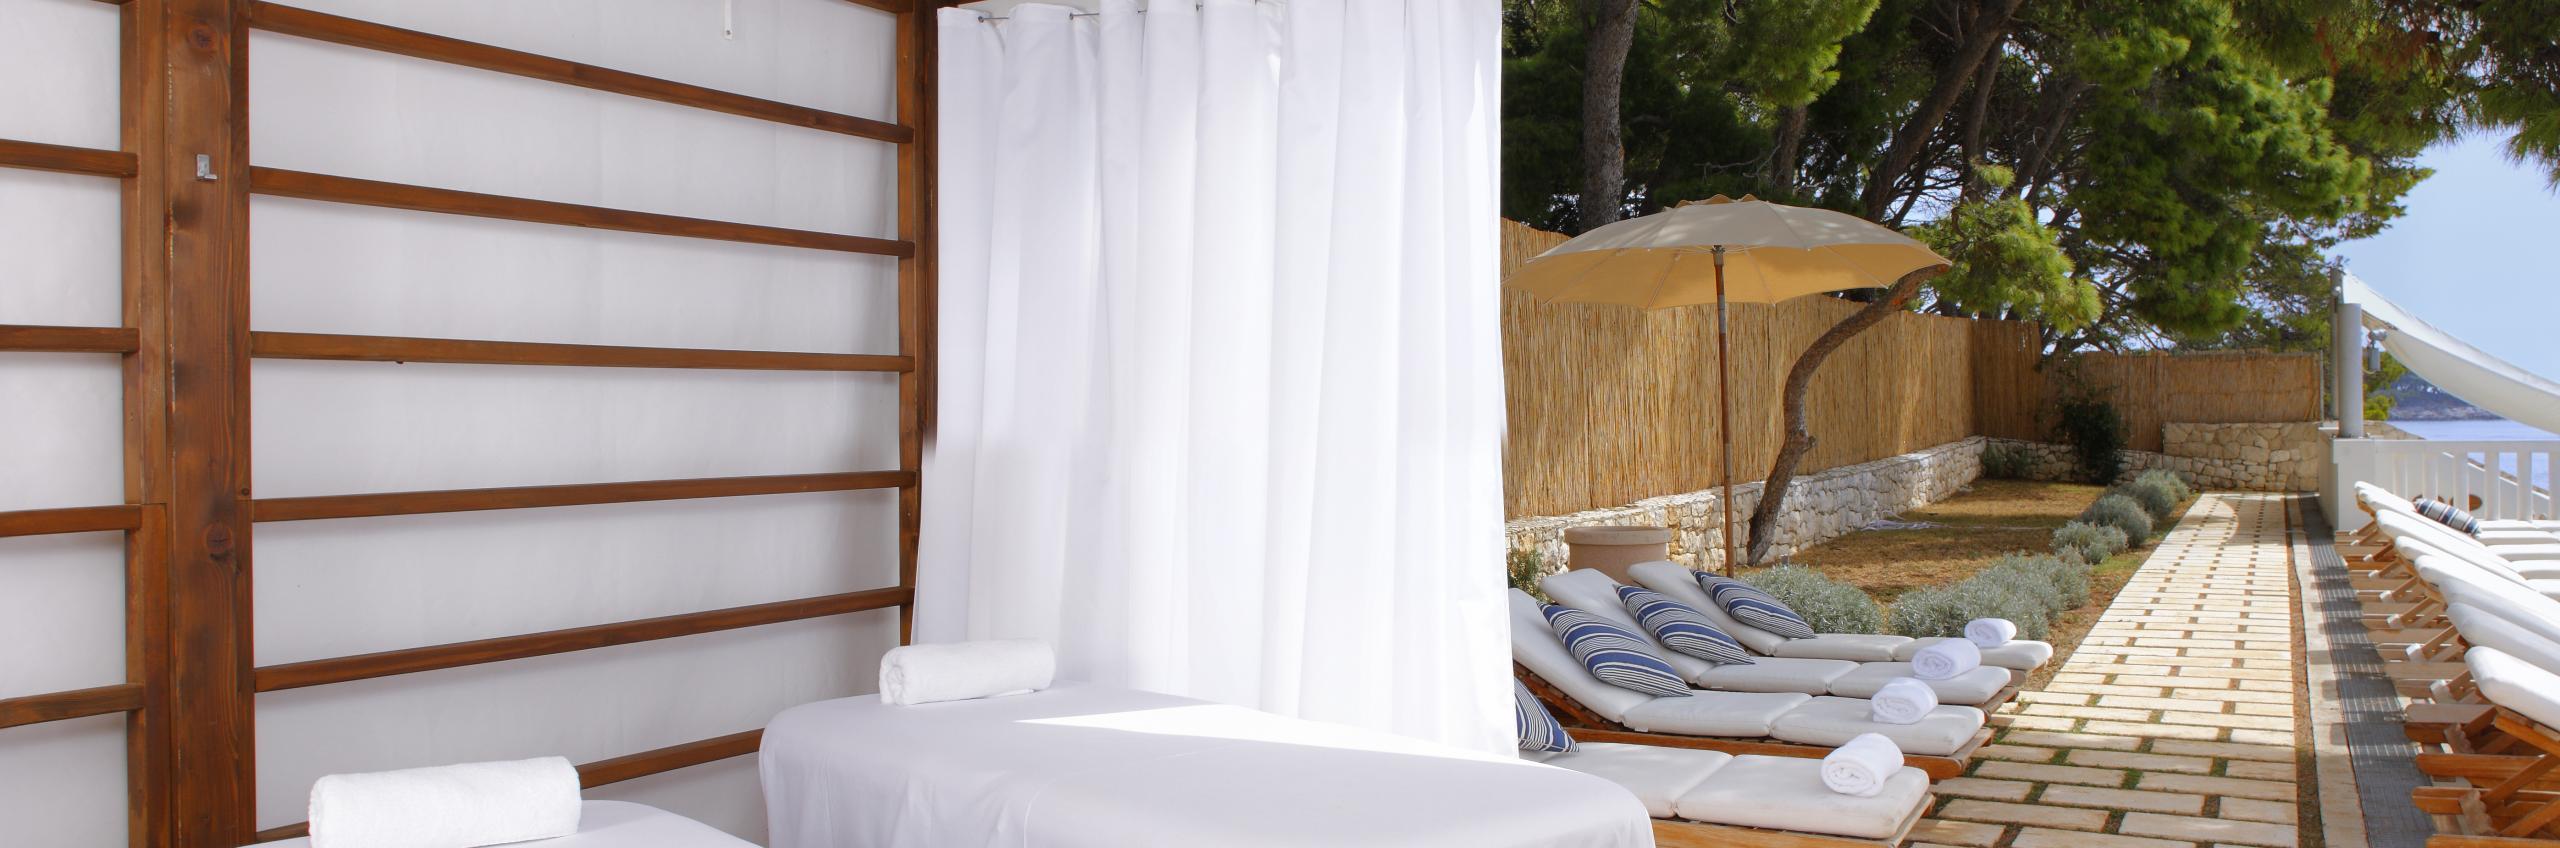 Luxury beach club Bonj 'les bains'